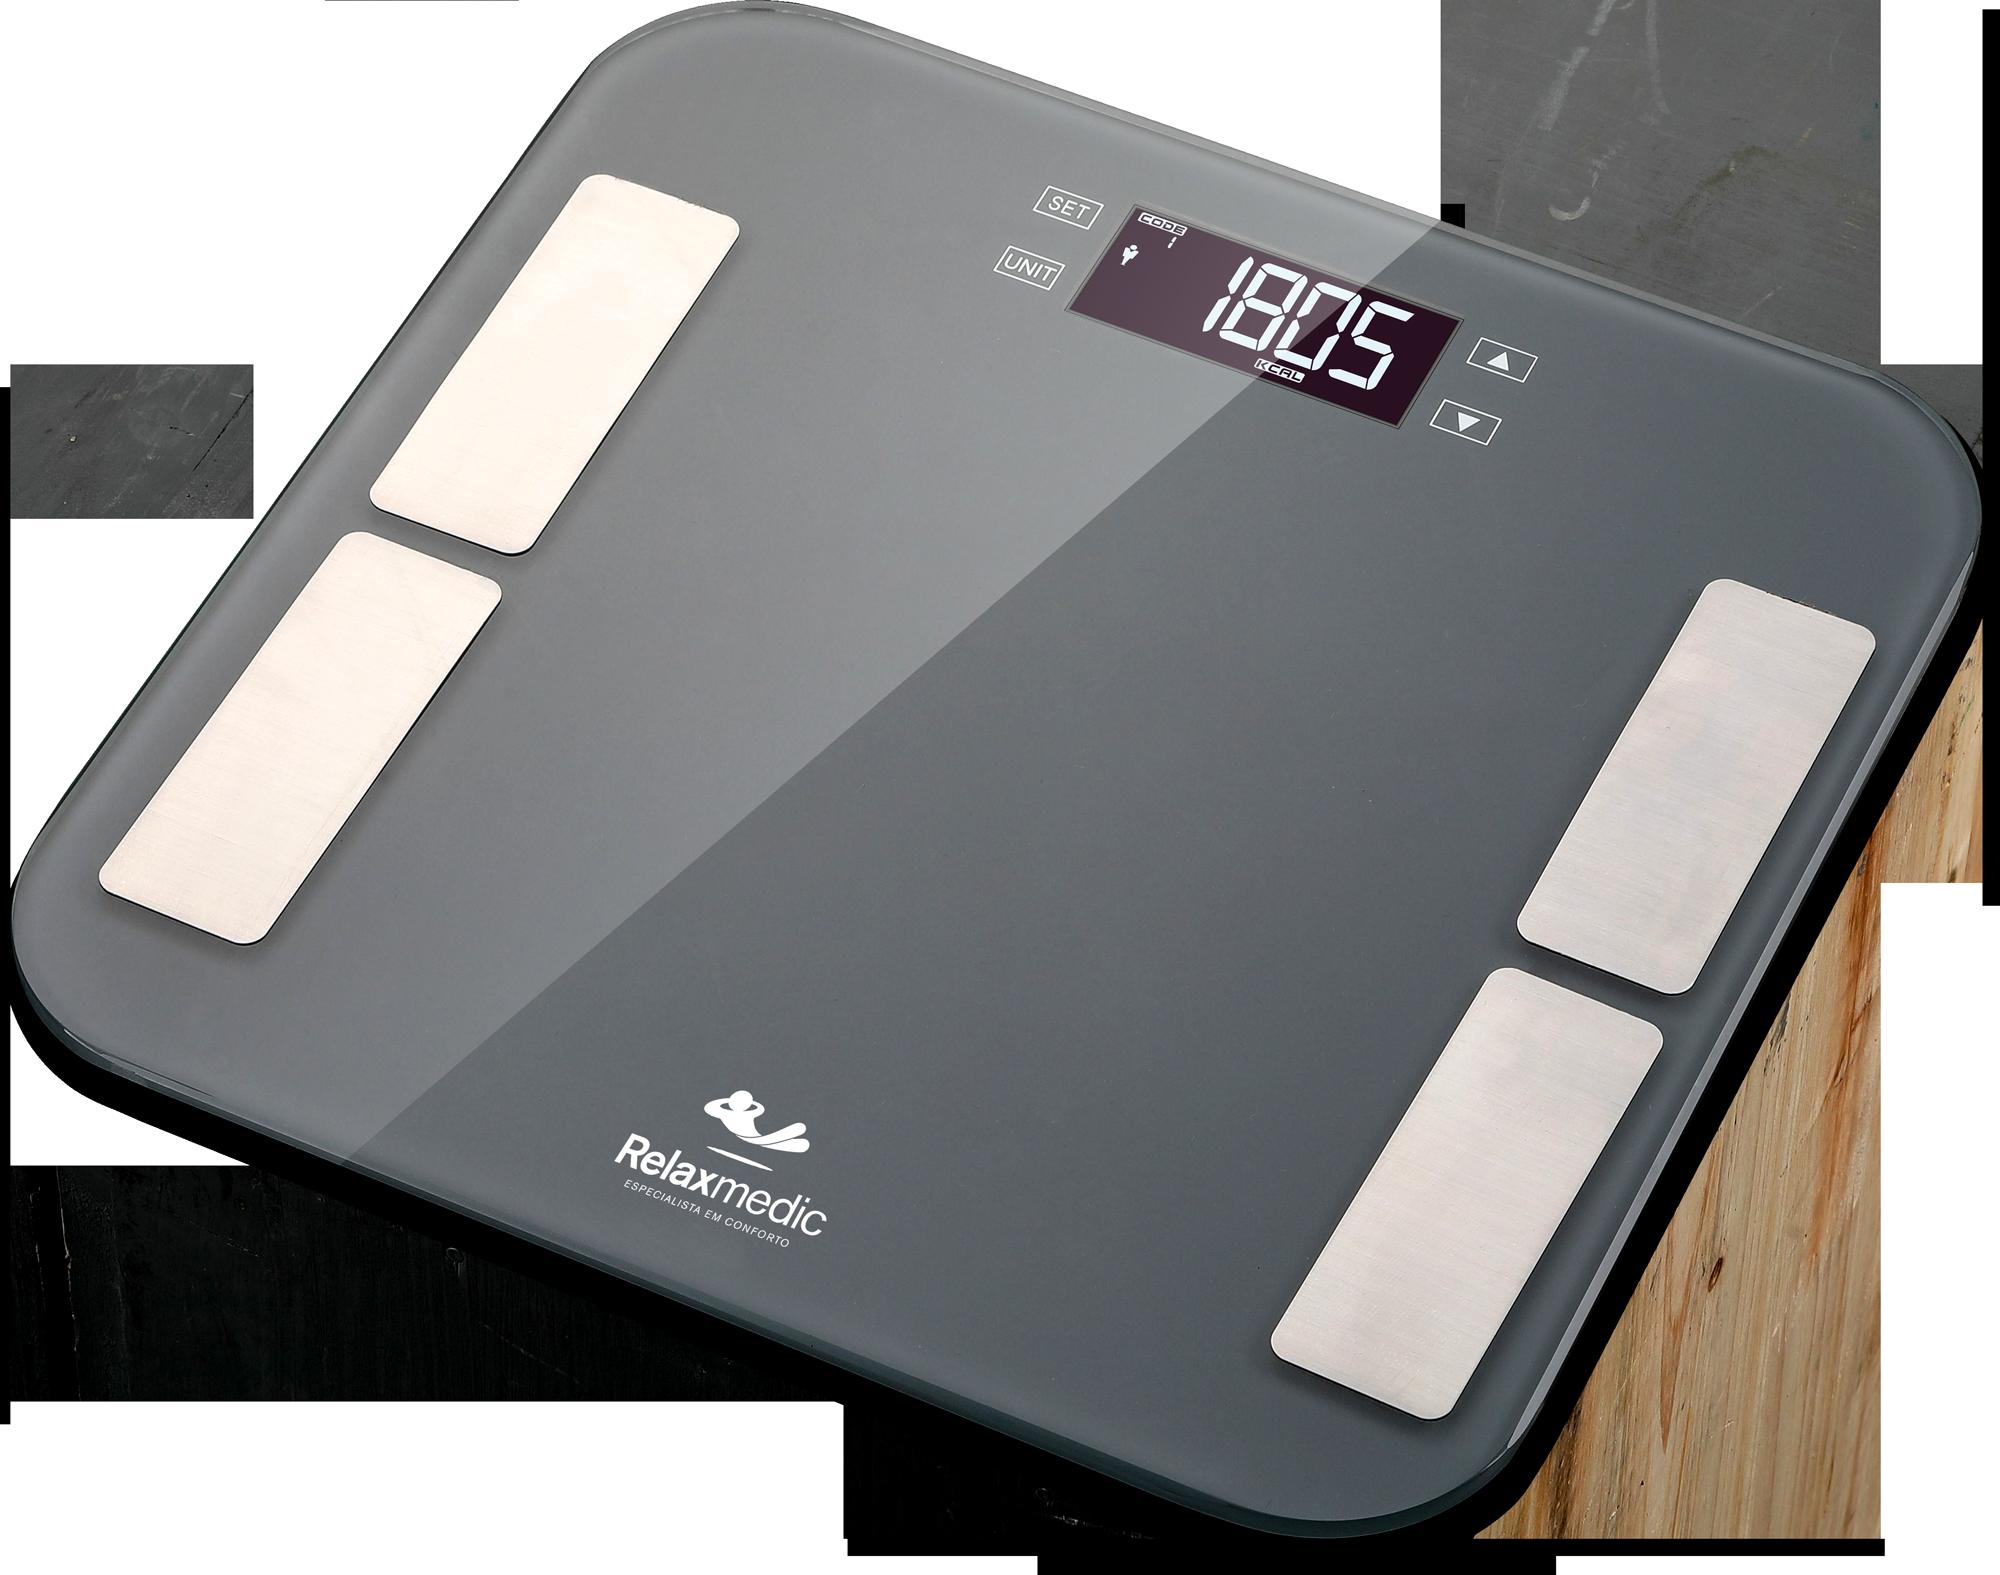 Balança Corporal Digital Bioimpedância Banheiro Relaxmedic